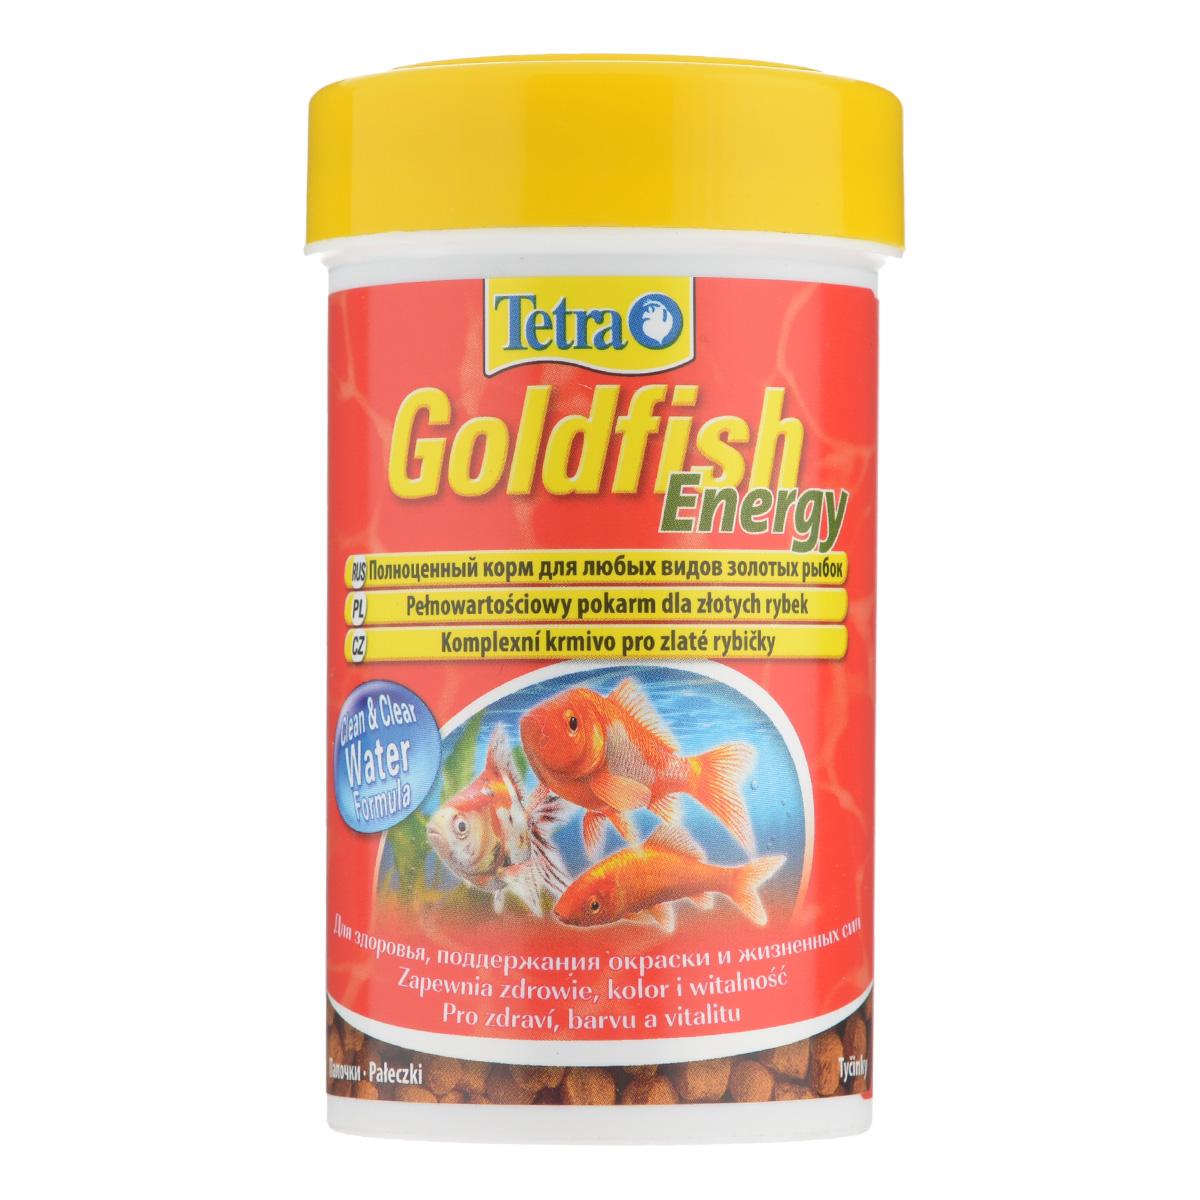 Корм Tetra Goldfish Energy для любых видов золотых рыбок, в виде палочек, 34 г/100 мл761117Корм Tetra Goldfish Energy - это высококачественный сбалансированный питательный корм для любых видов золотых рыбок. Особенности Tetra Goldfish Energy: оптимальное содержание жиров придает дополнительную энергию,формула Clean & Clean Water и запатентованная формула BioActive - для поддержания здоровья и продолжительности жизни. Рекомендации по кормлению: кормить несколько раз в день маленькими порциями. Характеристики: Состав: рыба и побочные рыбные продукты, экстракты растительного белка, зерновые культуры, растительные продукты, дрожжи, моллюски и раки, масла и жиры, минеральные вещества.Пищевая ценность: сырой белок - 38%, сырые масла и жиры - 9%, сырая клетчатка - 2,0%, влага - 7%.Добавки: витамины, провитамины и химические вещества с аналогичным воздействием: витамин А 28800 МЕ/кг, витамин Д3 1800 МЕ/кг. Комбинации элементов: Е5 Марганец 81 мг/кг, Е6 Цинк 48 мг/кг, Е1 Железо 32 мг/кг. Красители, антиоксиданты. Вес: 100 мл (34 г).Товар сертифицирован.